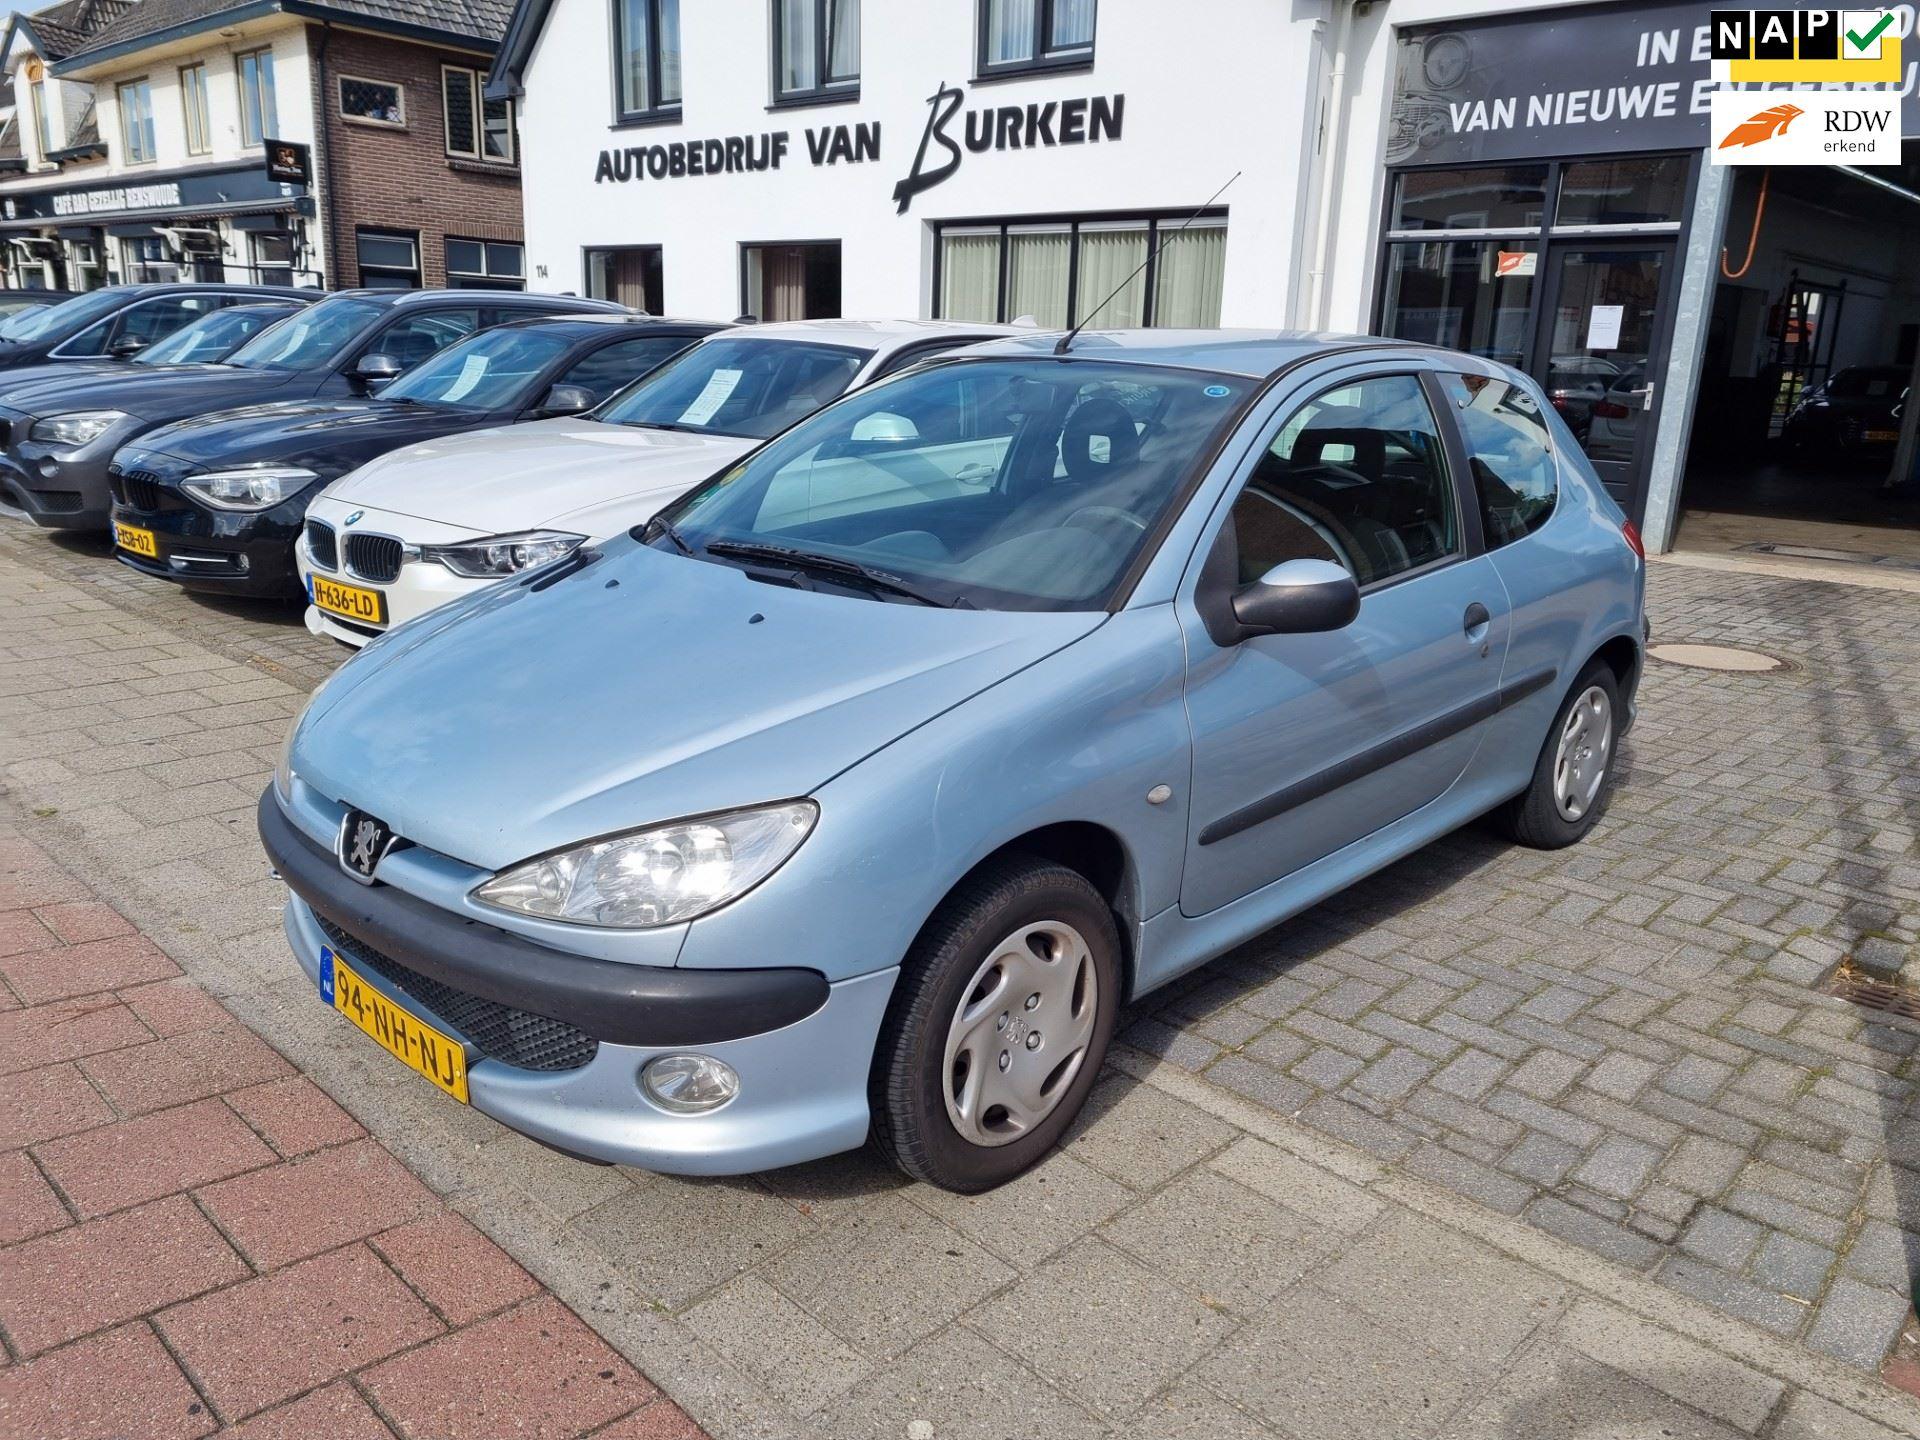 Peugeot 206 occasion - Autobedrijf van Burken